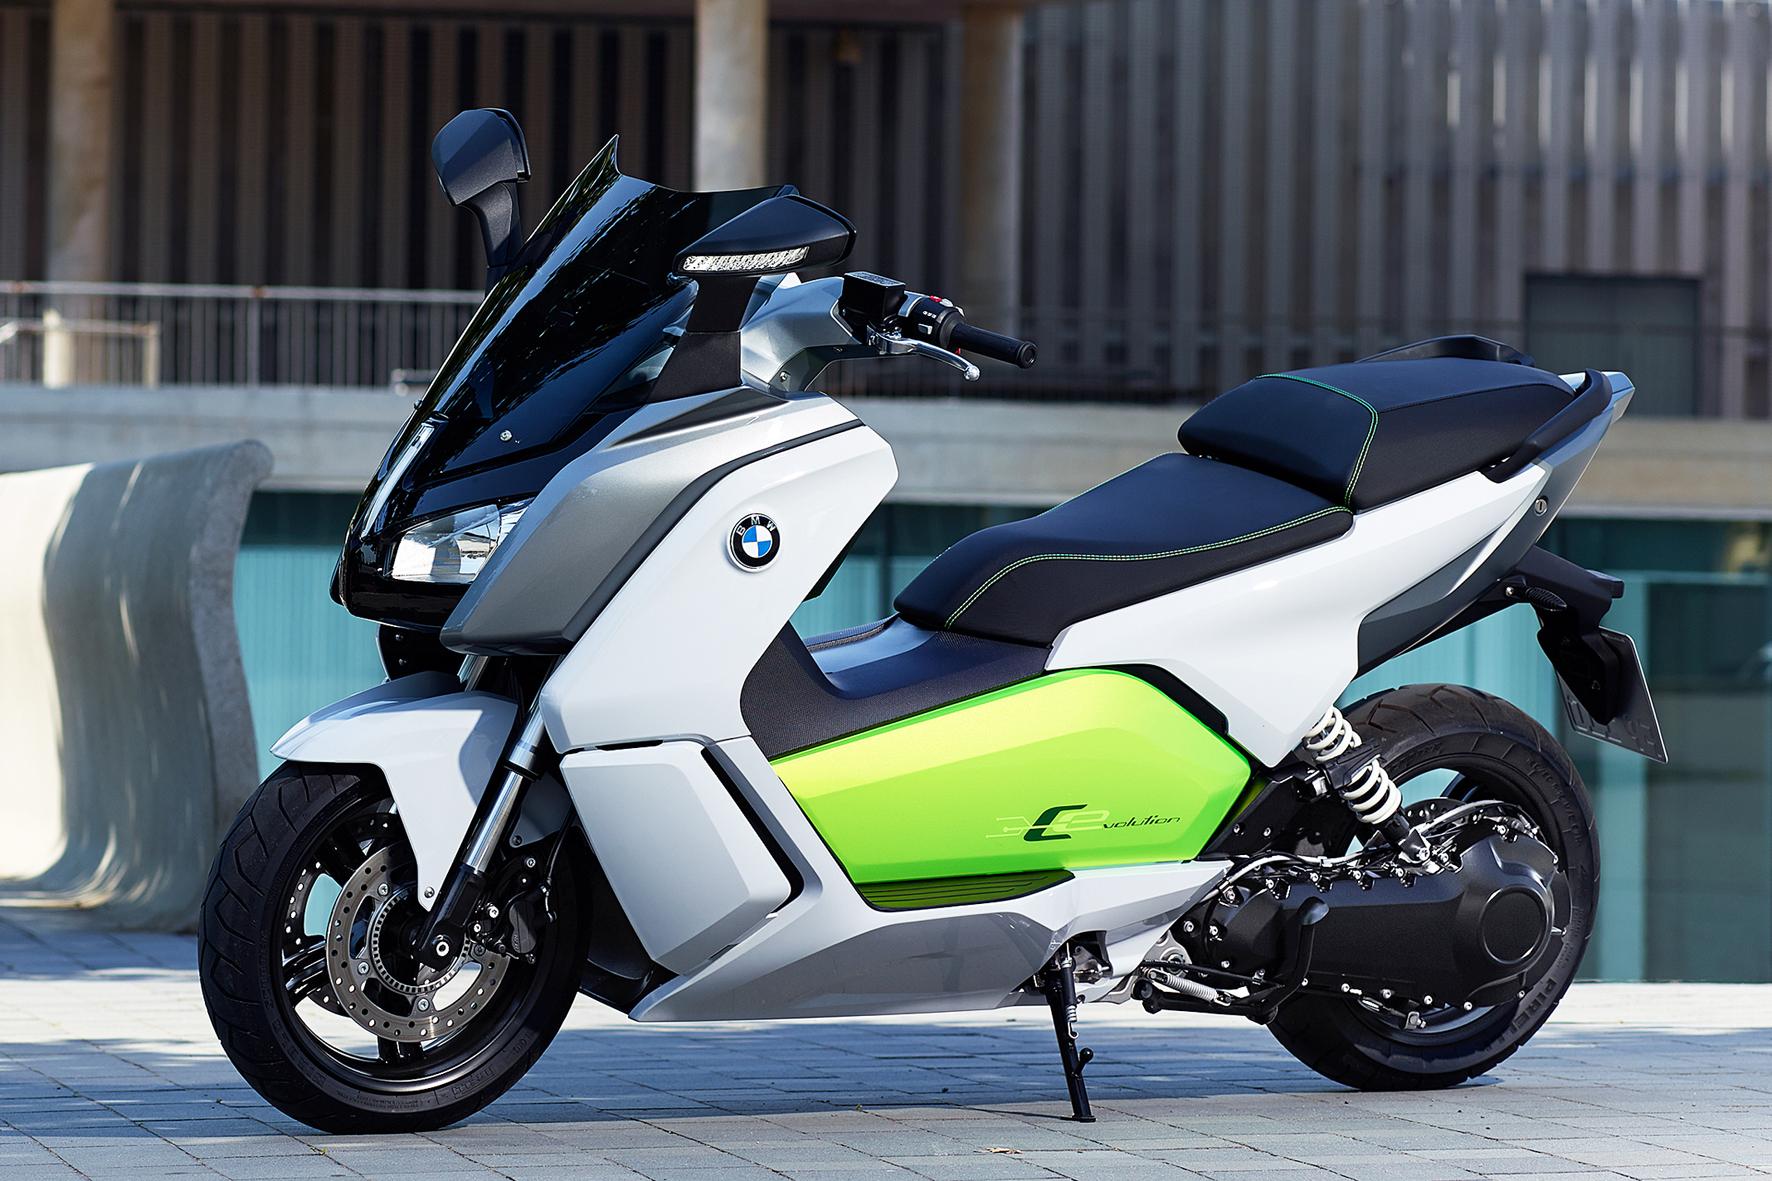 Klicke auf die Grafik für eine größere Ansicht  Name:Der-Elektroscooter-BMW-C-evolution-kommt-im-2.-Quartal-in-den-Handel[1].jpg Hits:2277 Größe:1,81 MB ID:144891